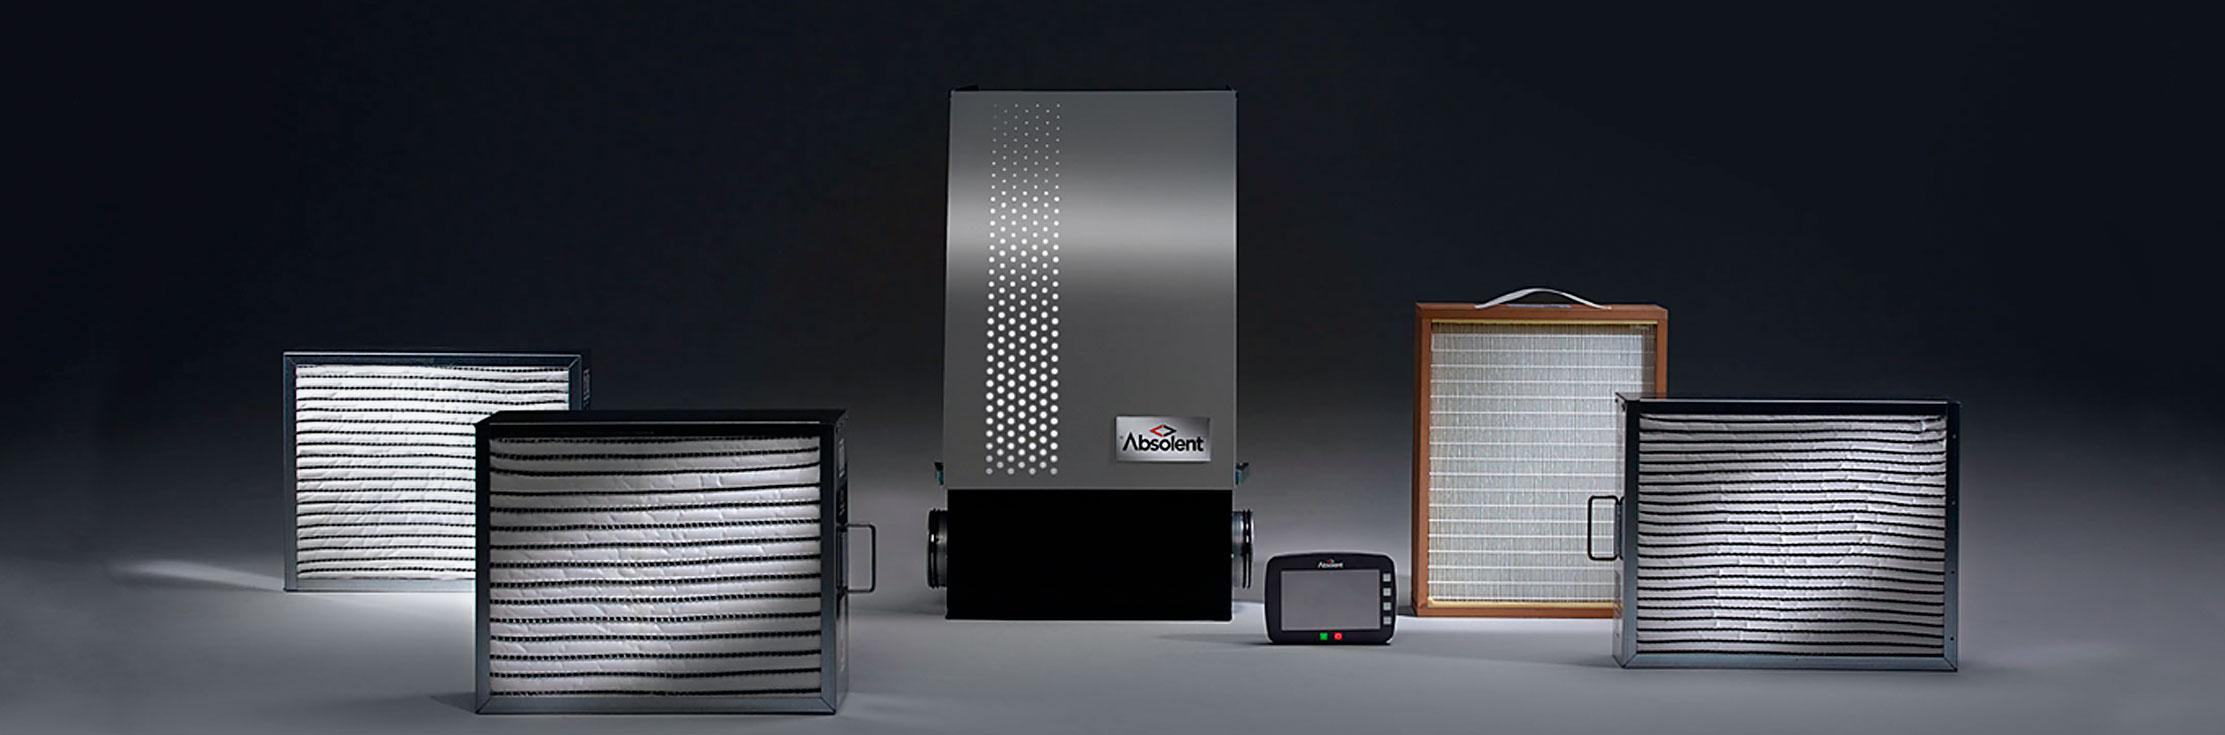 מערכות סינון אוויר - אדי אמולסיה ושמן